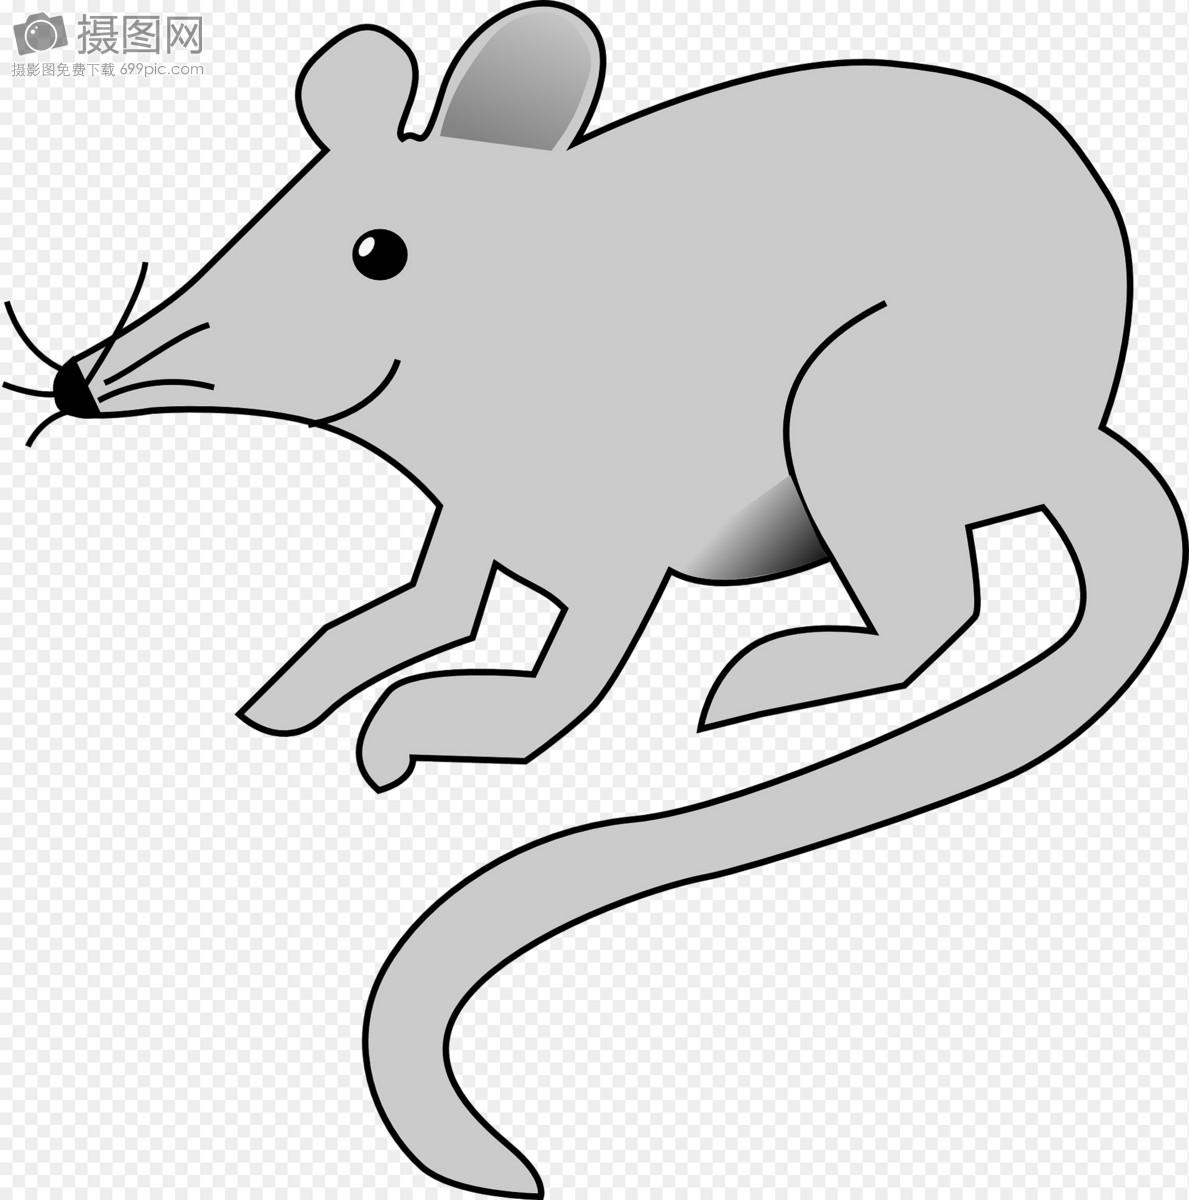 手绘老鼠背景图